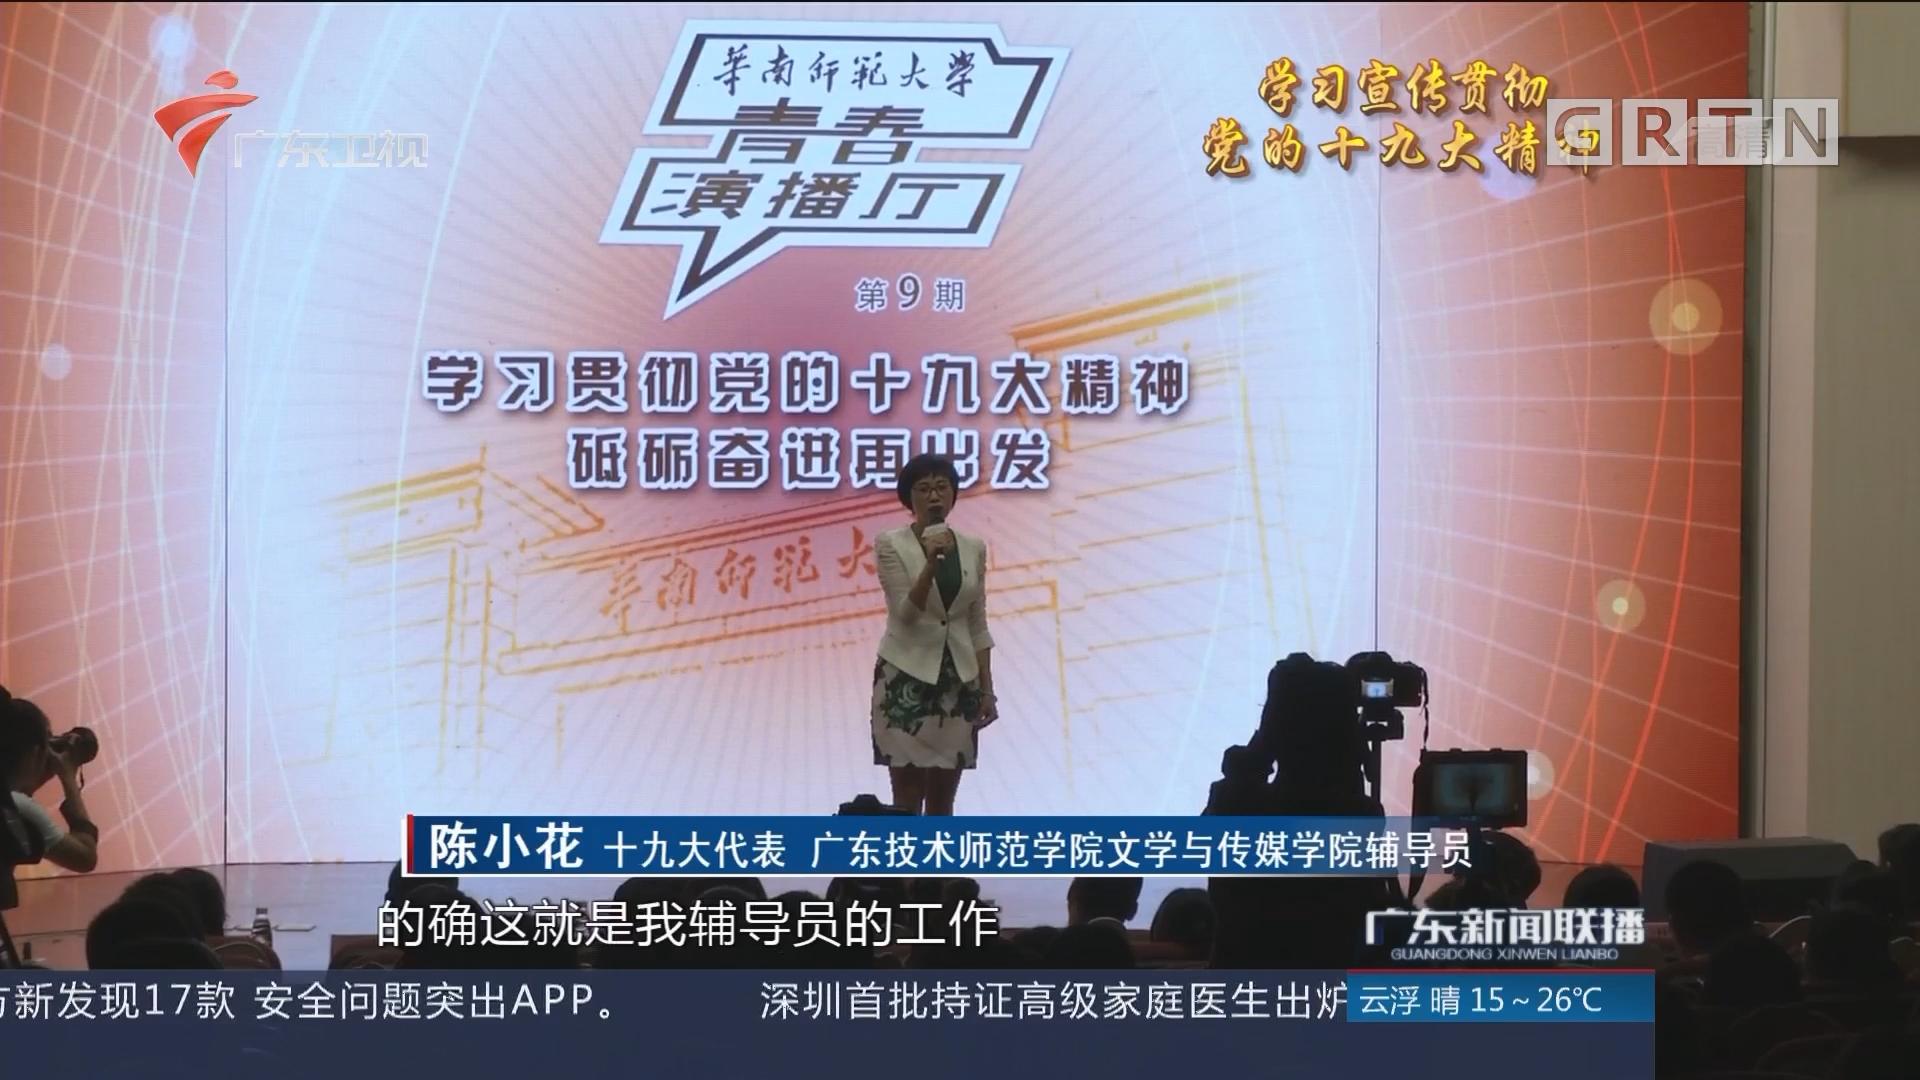 十九大代表勉励大学生:让青春梦和中国梦同频共振